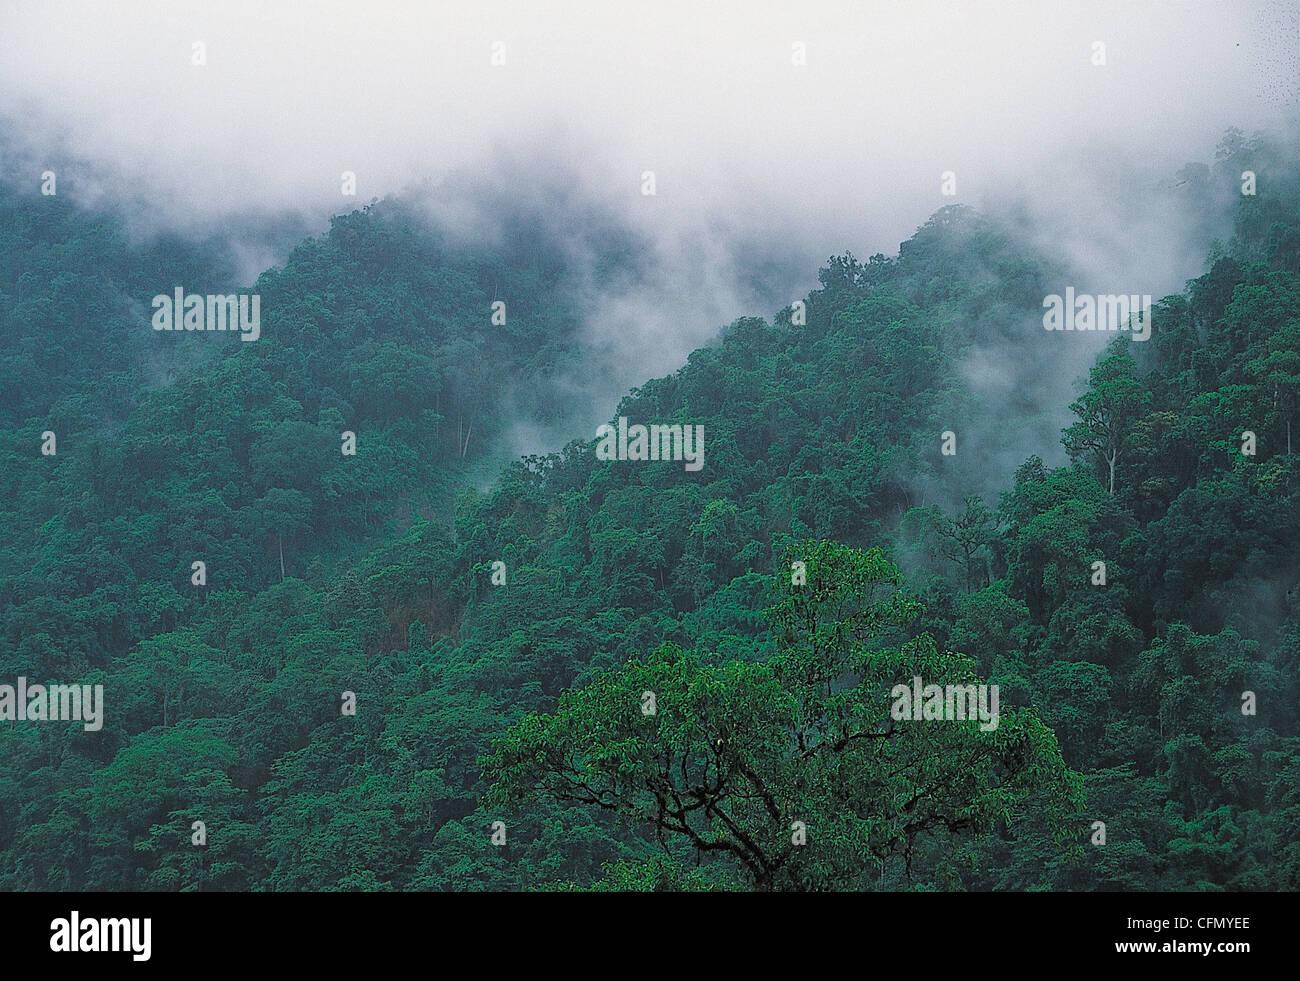 Foschia sopra la foresta pluviale Western Gats India Immagini Stock